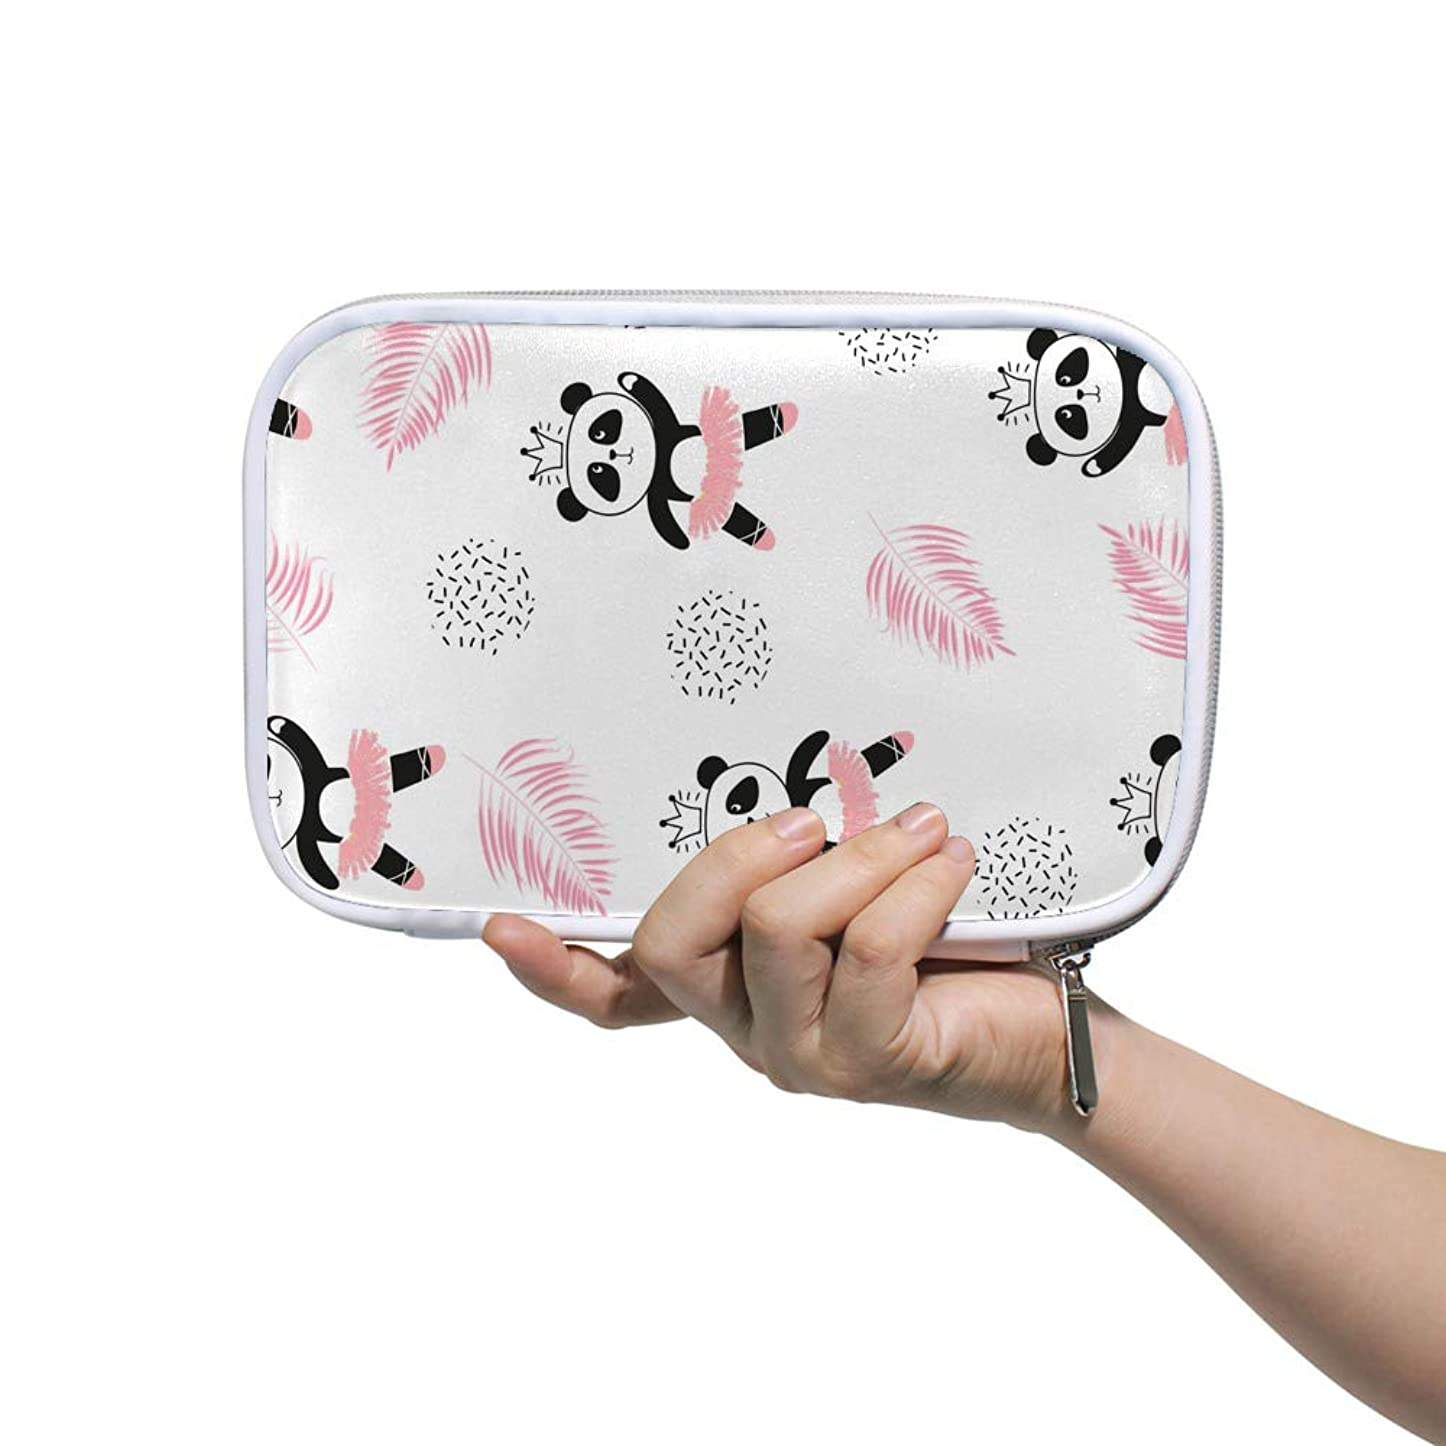 創始者禁輸甘くするZHIMI 化粧ポーチ メイクポーチ レディース コンパクト 化粧品収納バッグ 防水 柔らかい おしゃれ コスメケース ? 機能的 軽量 小物入れ 出張 海外旅行グッズ パスポートケースとしても適用